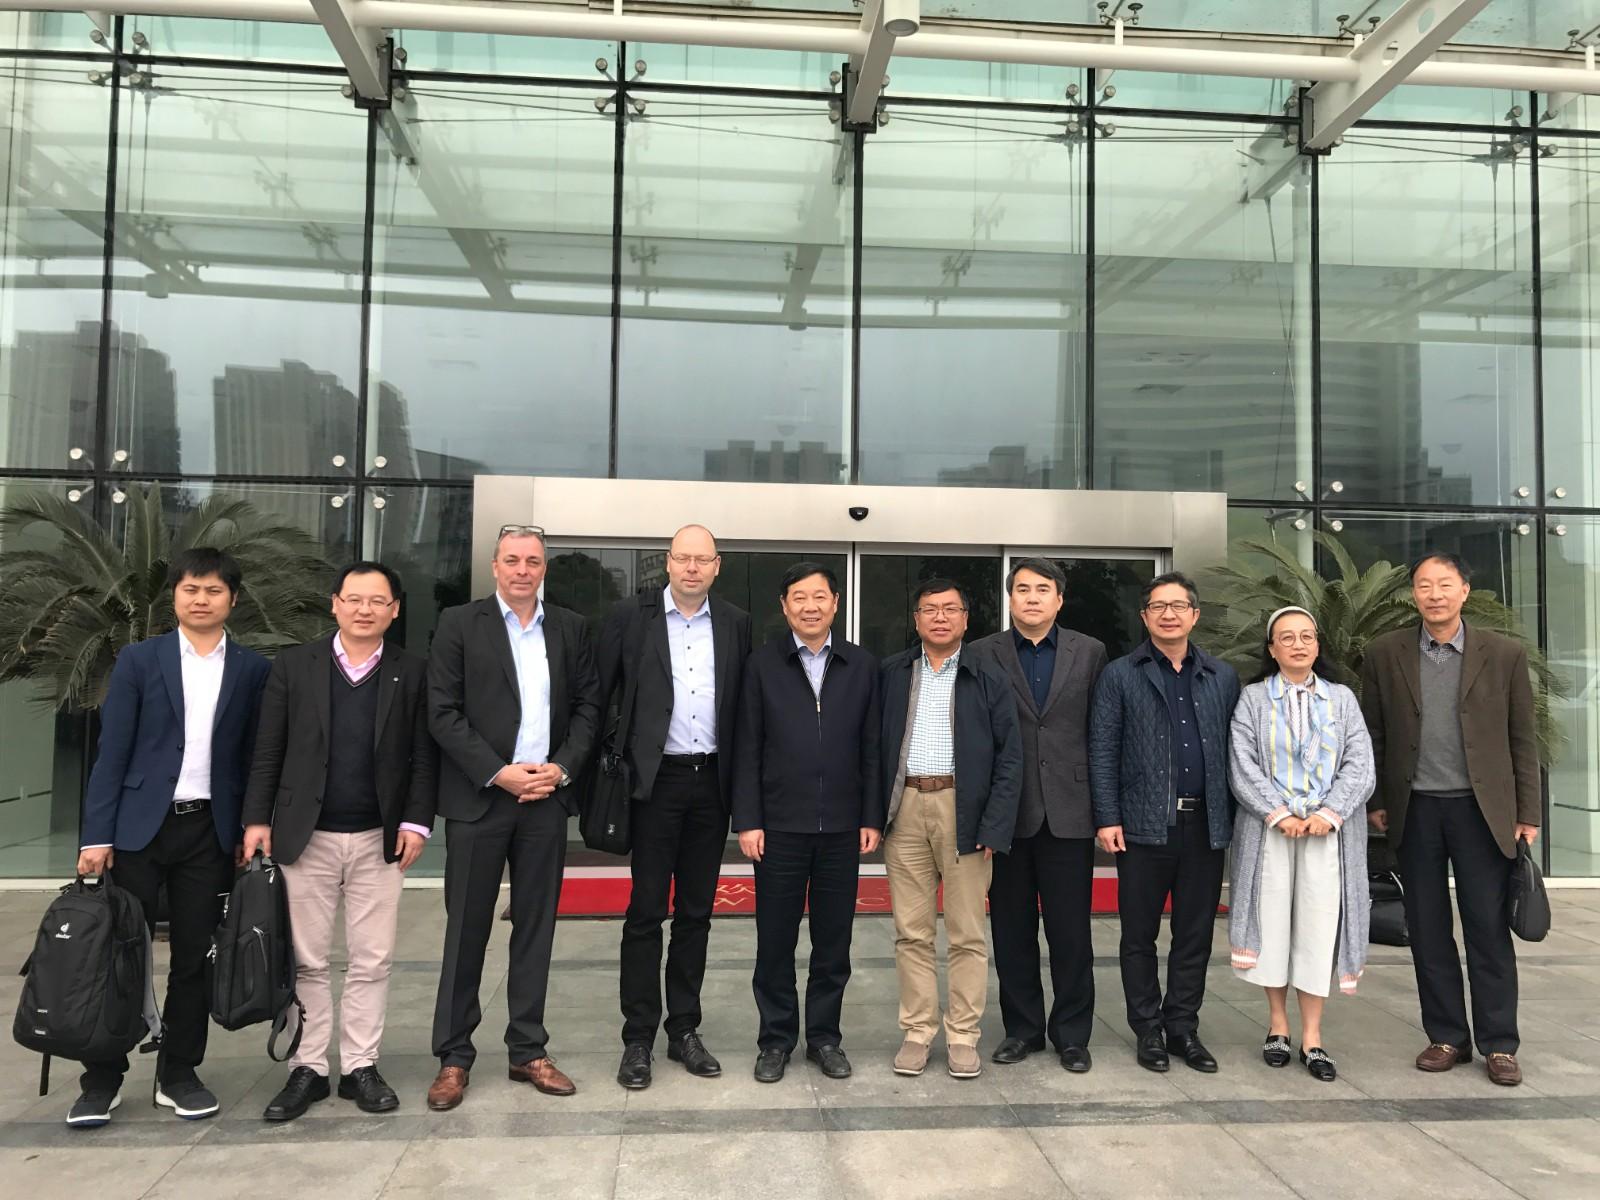 中国石墨烯产业技术创新战略联盟秘书长李义春一行应邀太仓考察